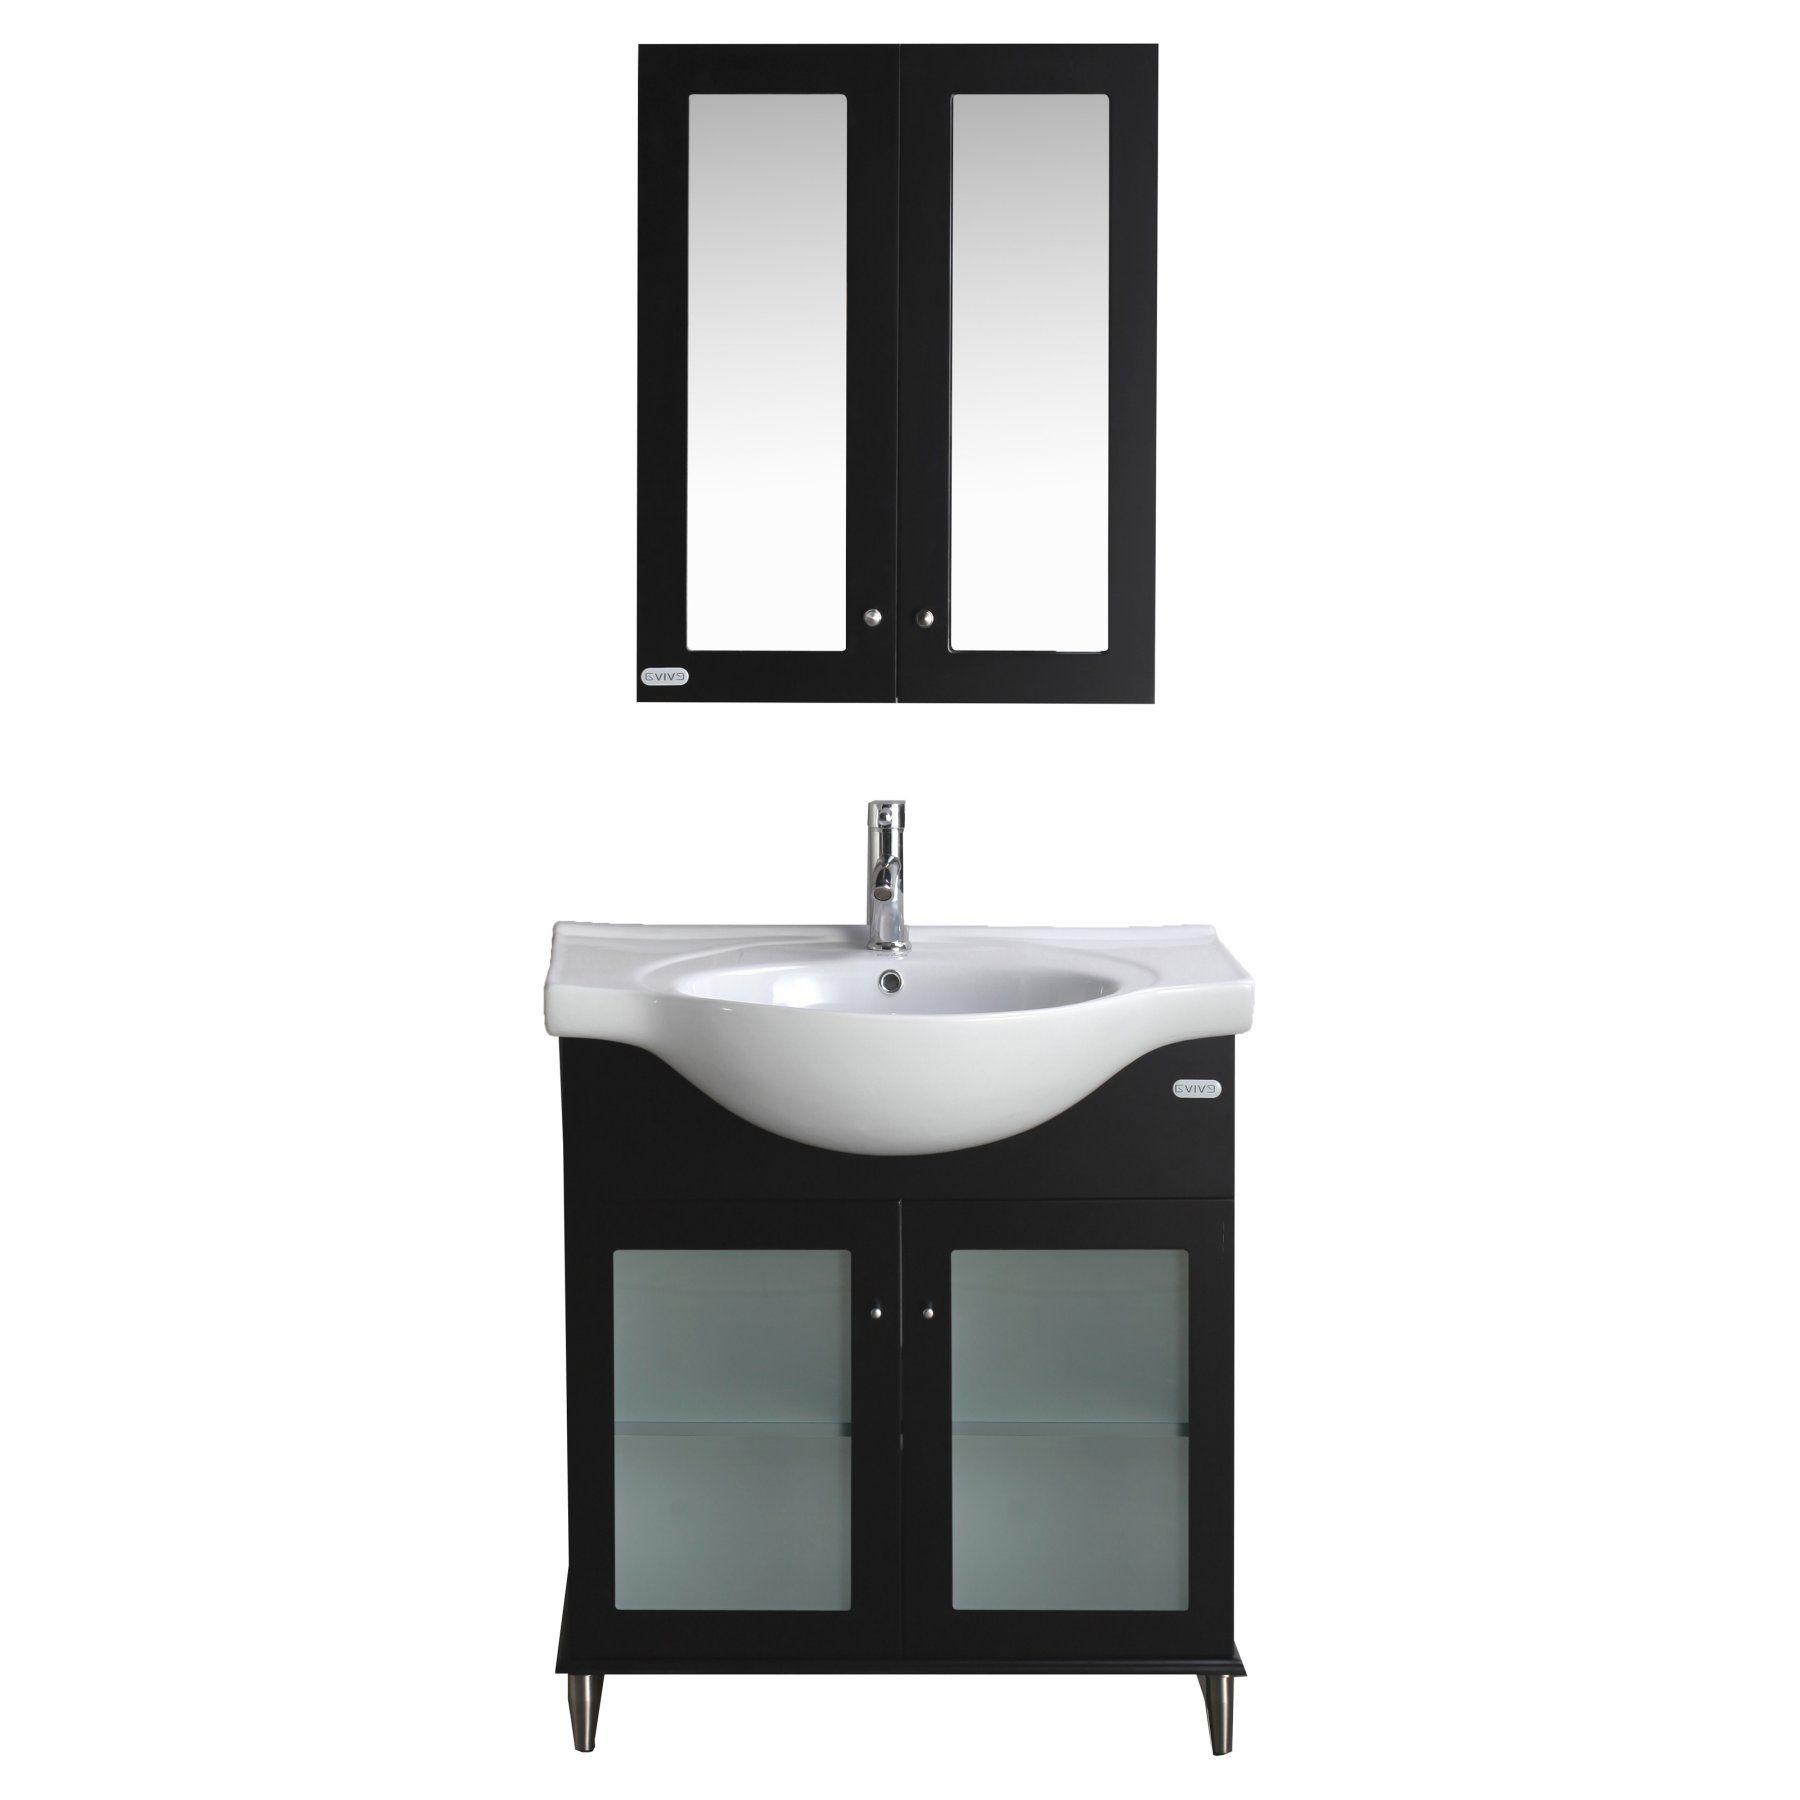 Eviva Tux 30 in. Single Sink Bathroom Vanity - EVVN511-30ES